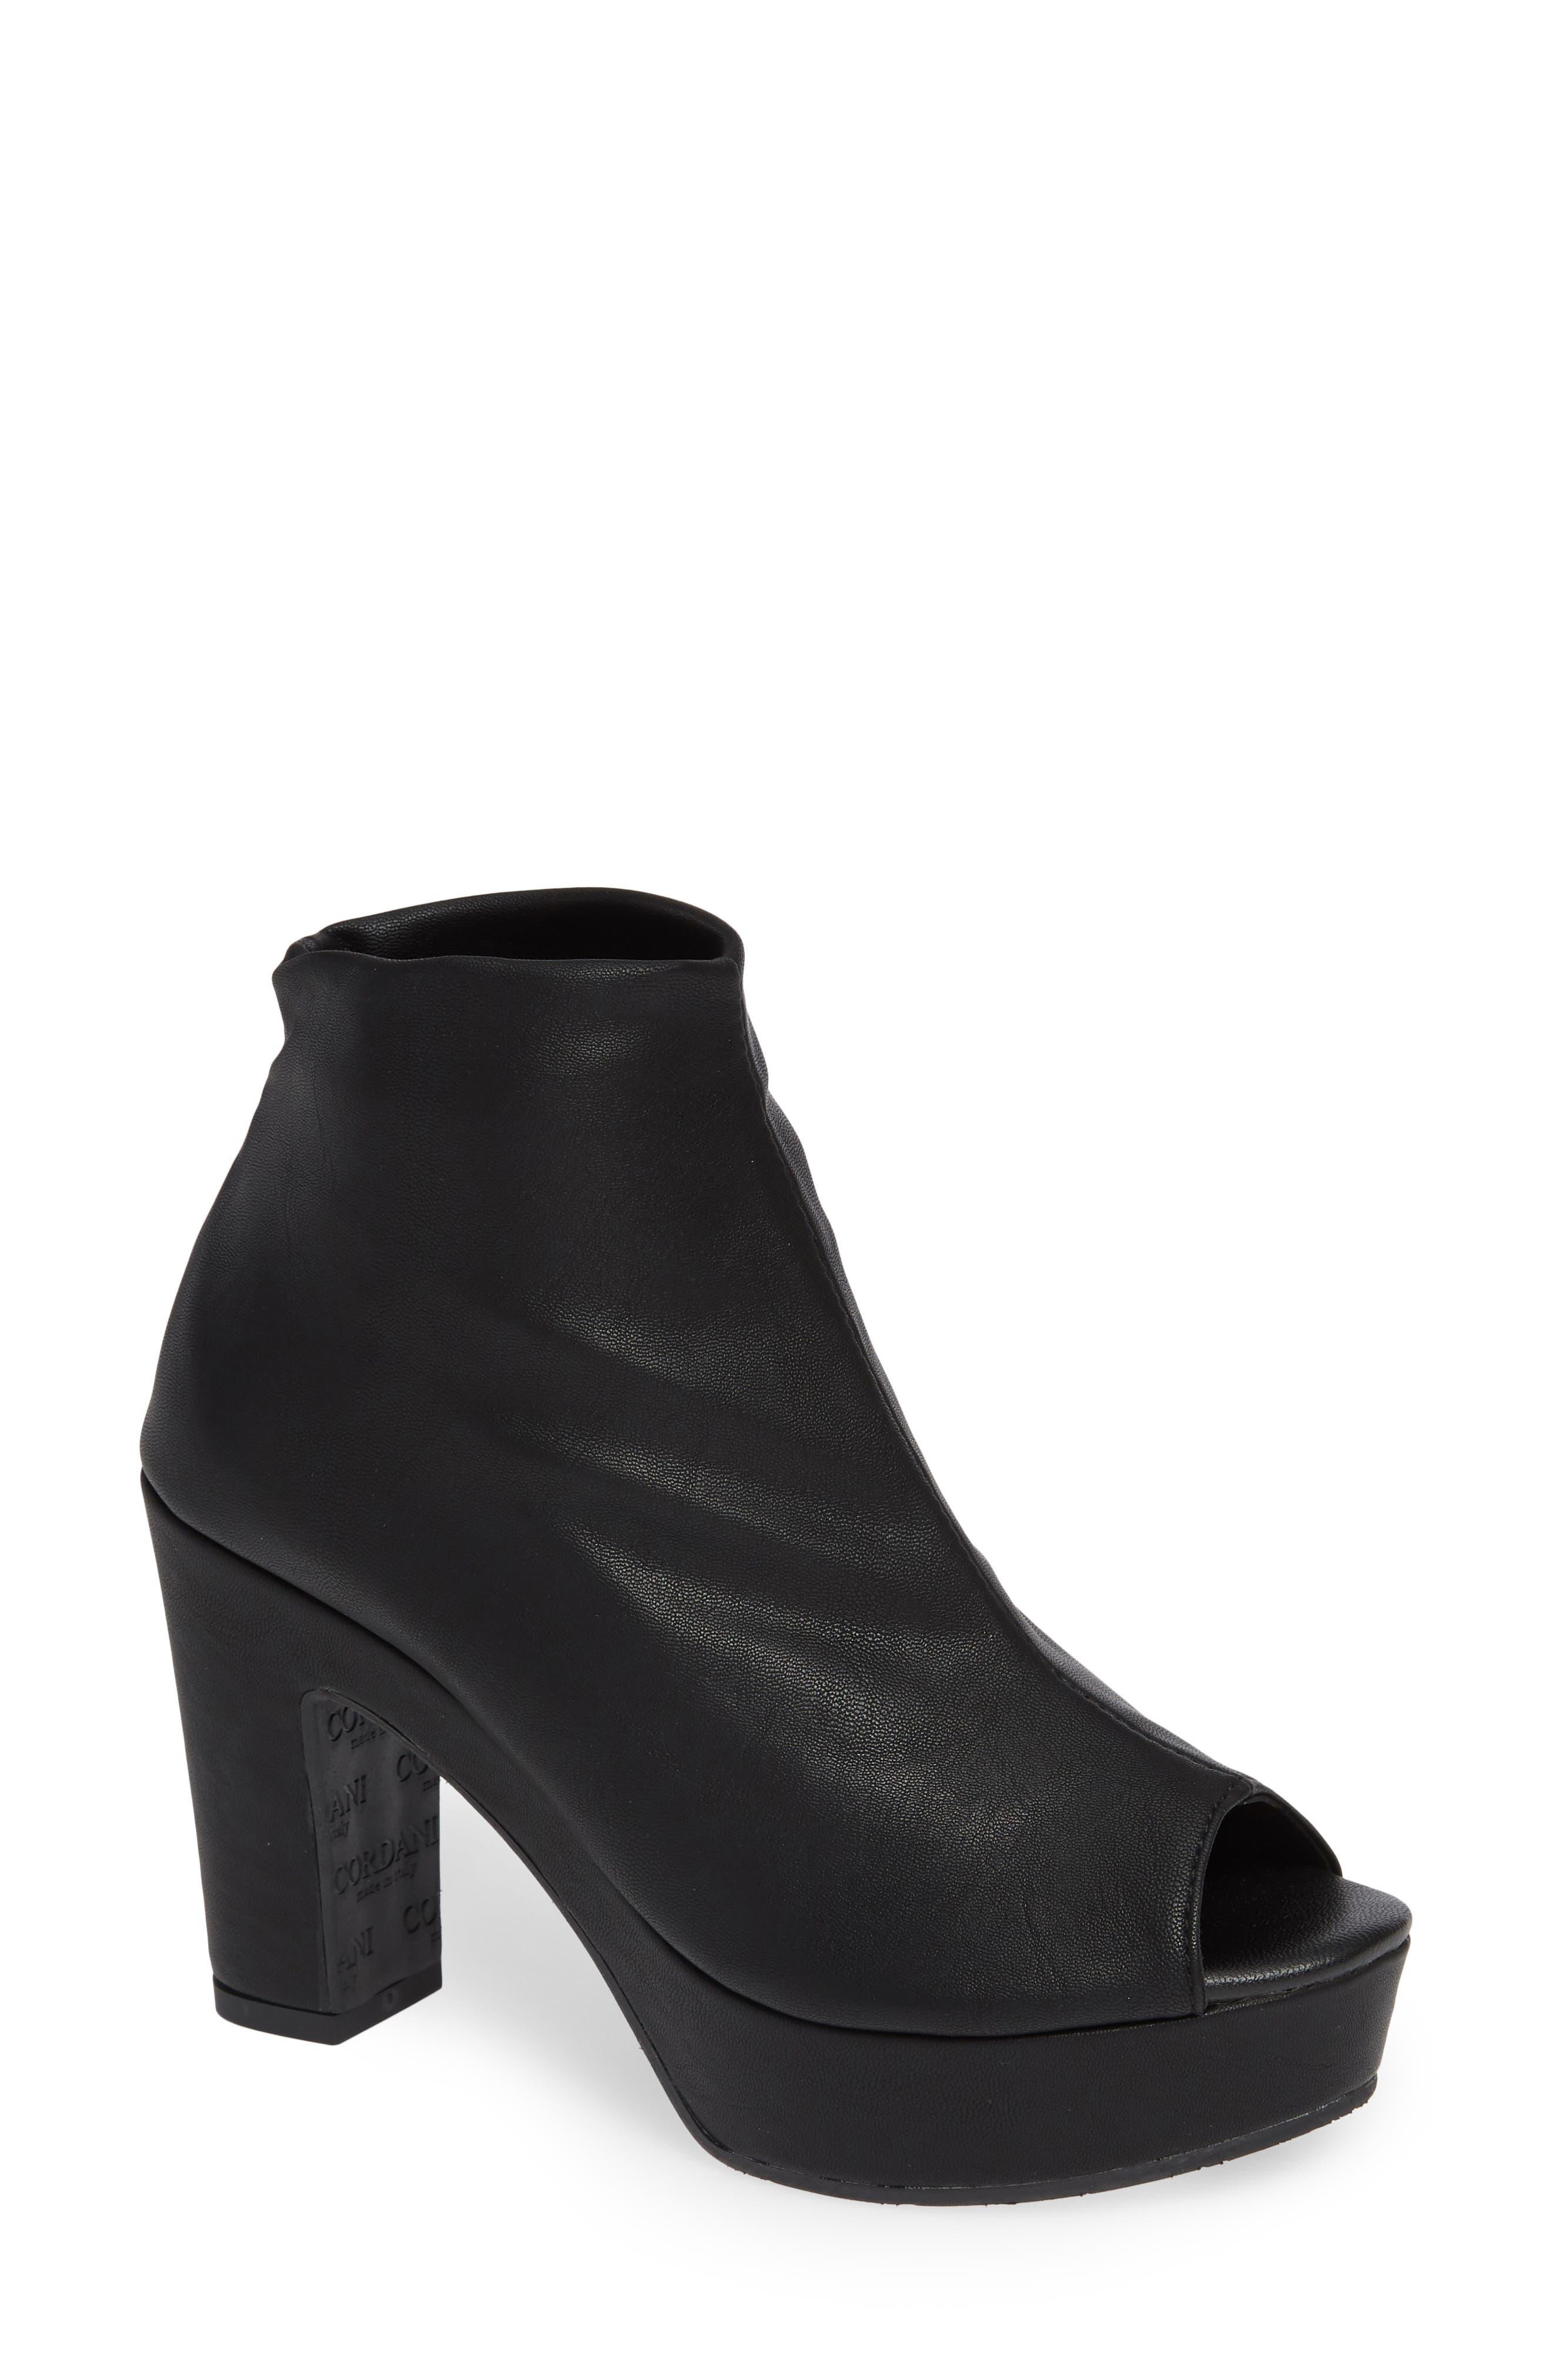 Tyra Peep Toe Platform Bootie,                         Main,                         color, Black Fabric